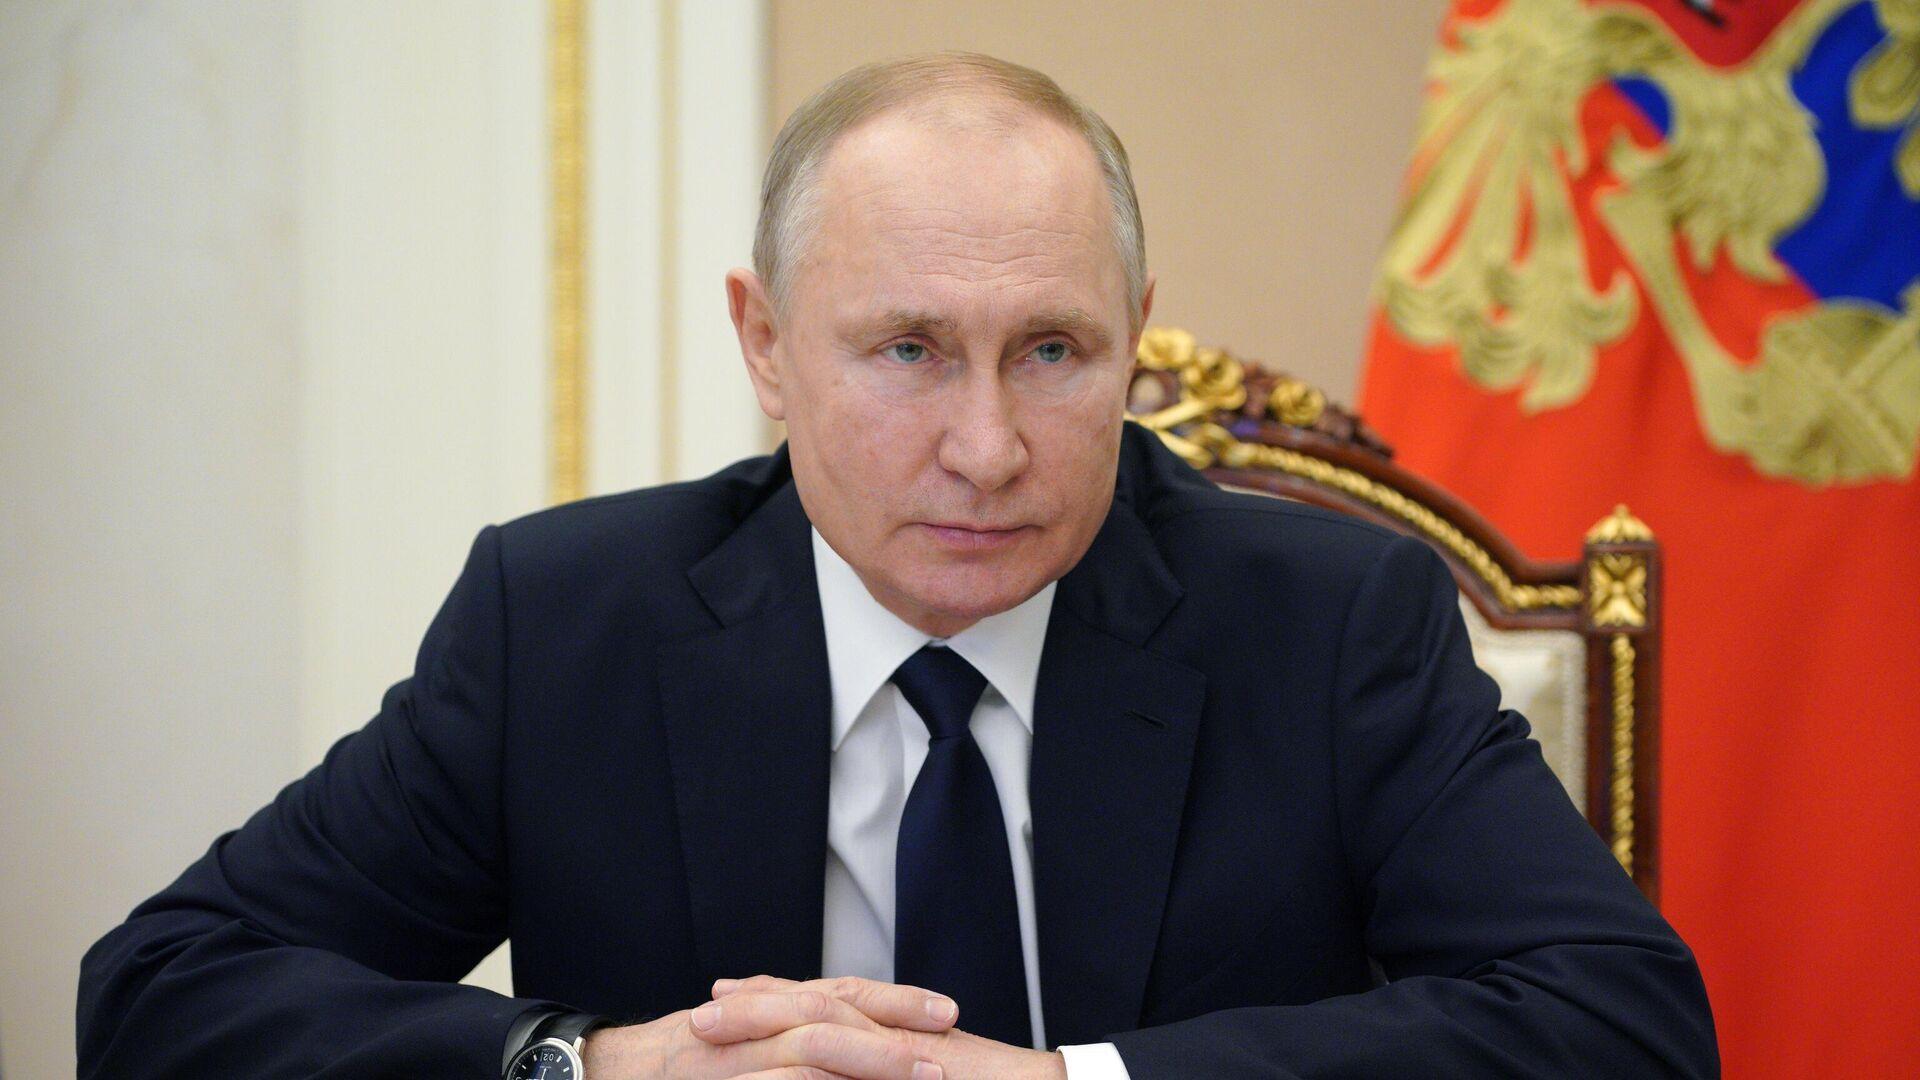 Неуместная фотография Путина в индийской газете возмутила читателей